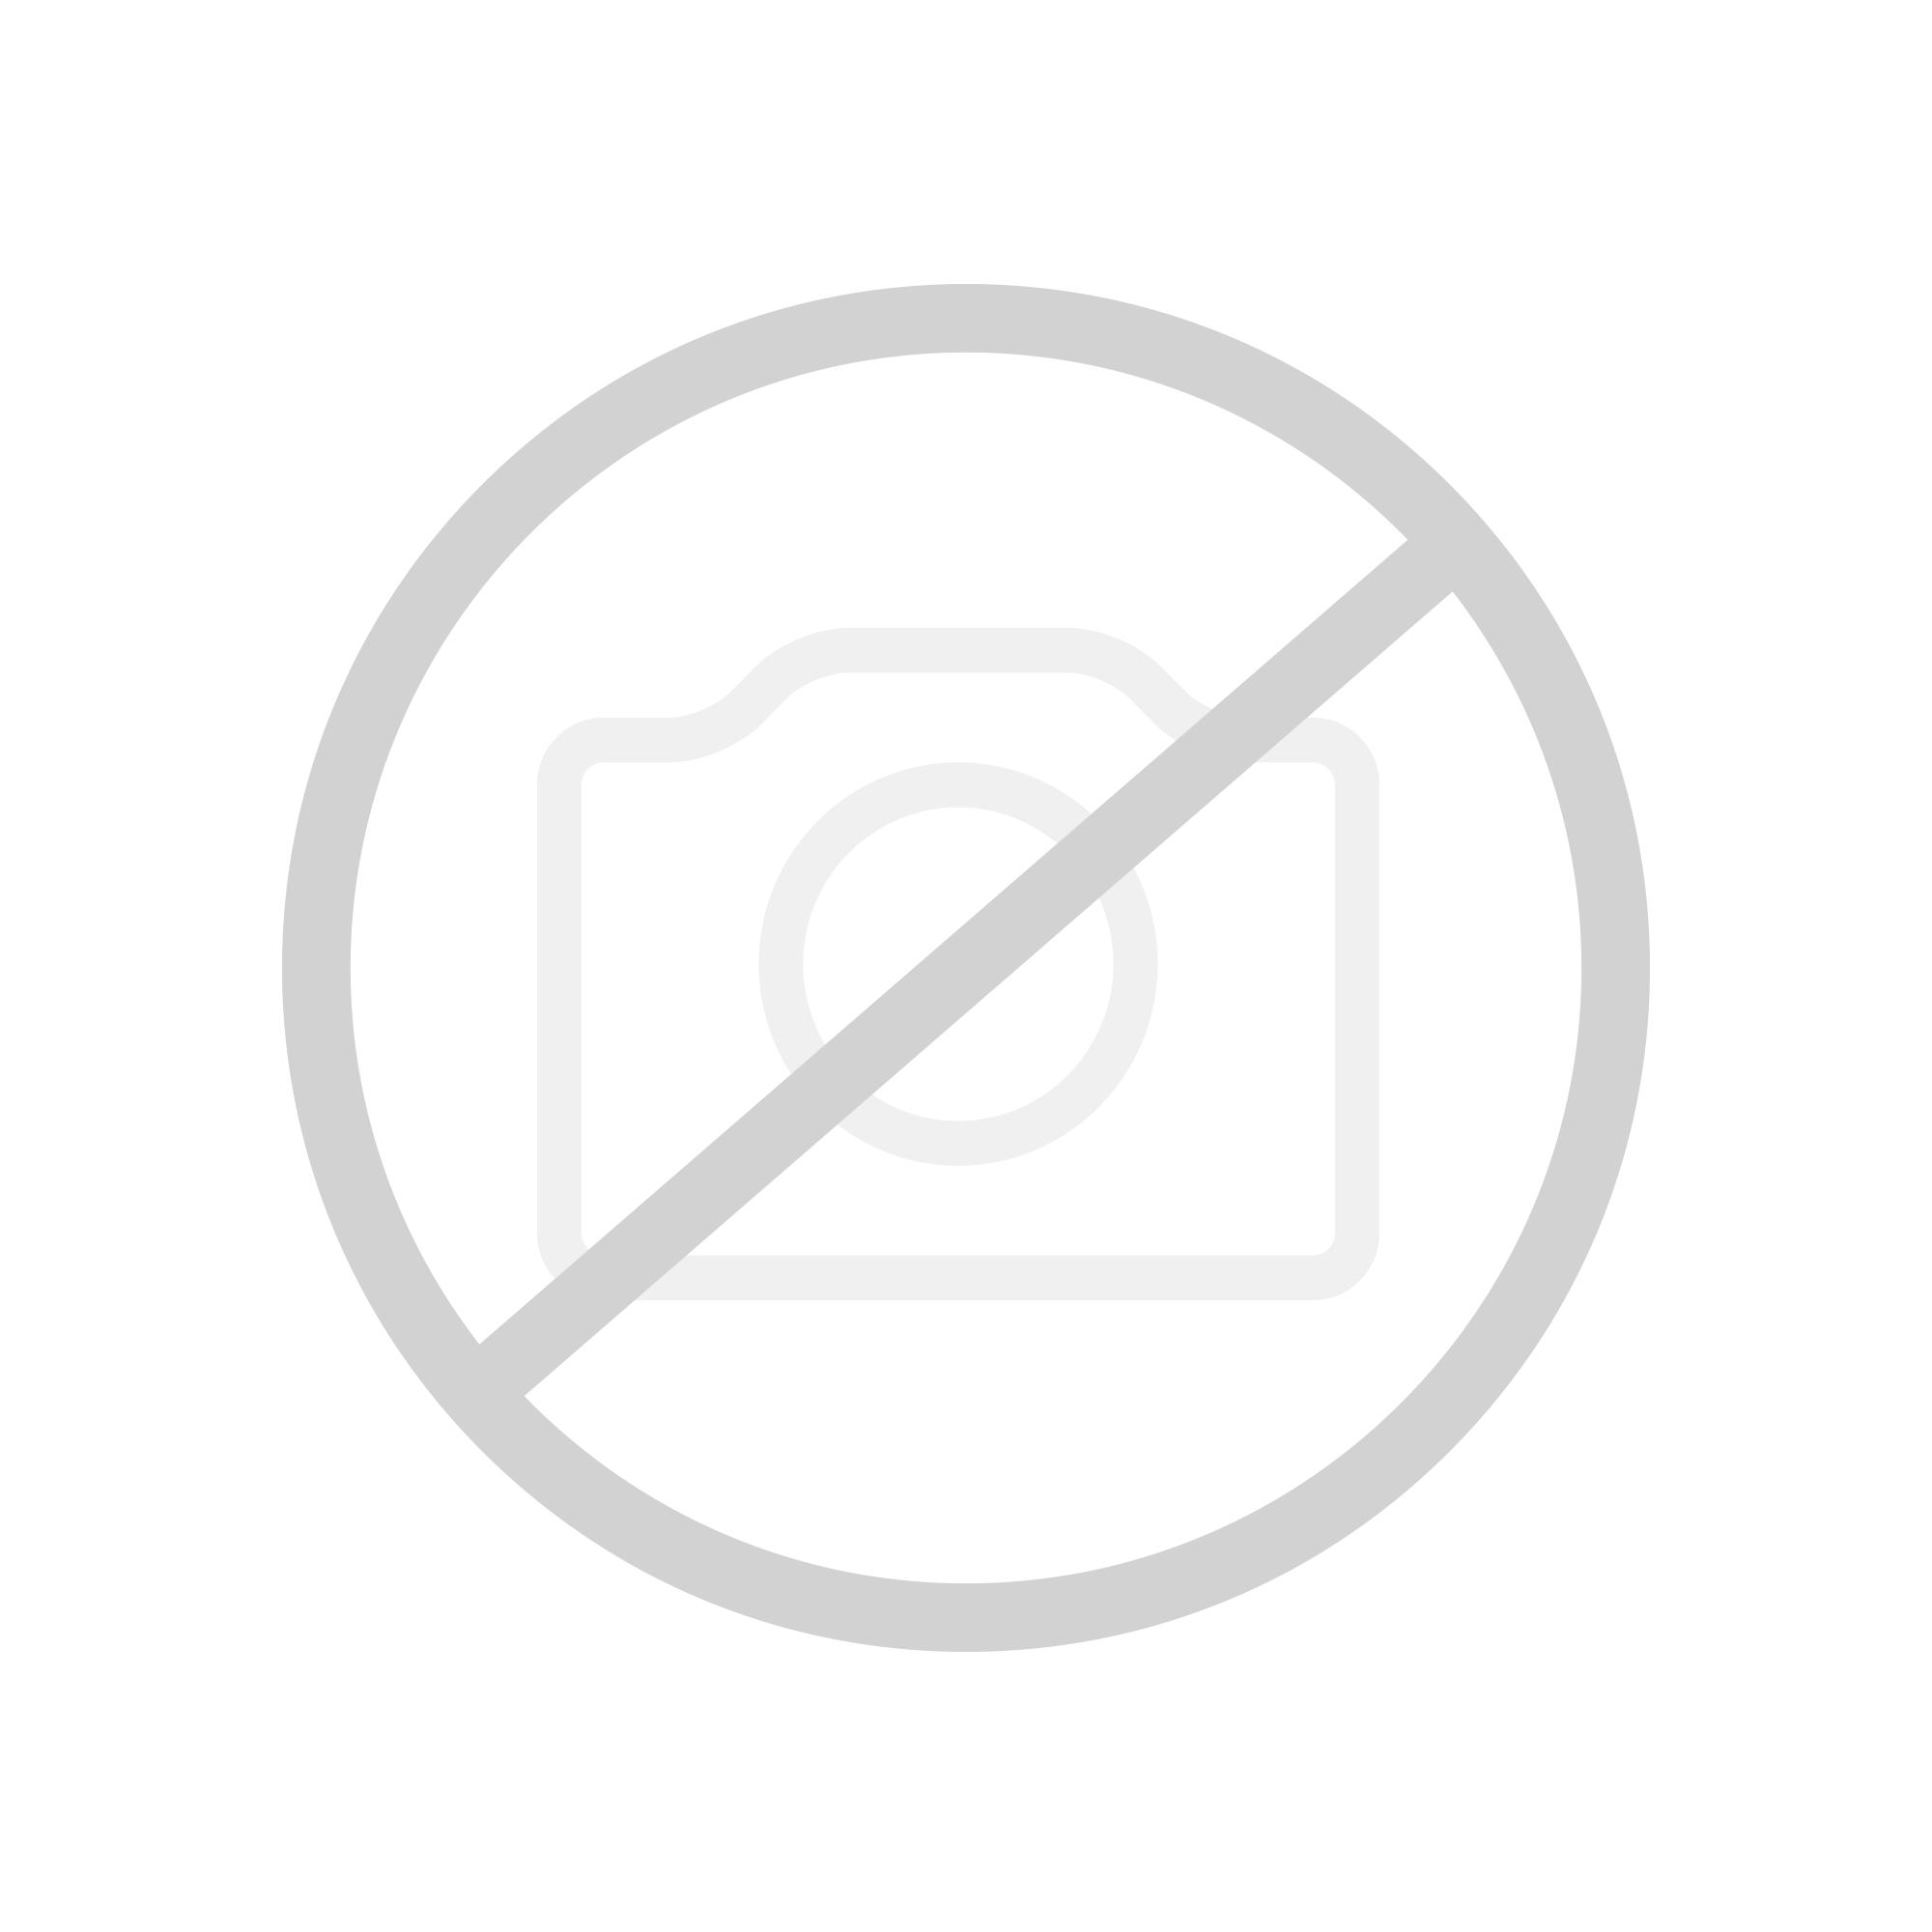 Herzbach NeoCastell Waschtisch-Einlochbatterie, Niederdruck, ohne Ablaufgarnitur